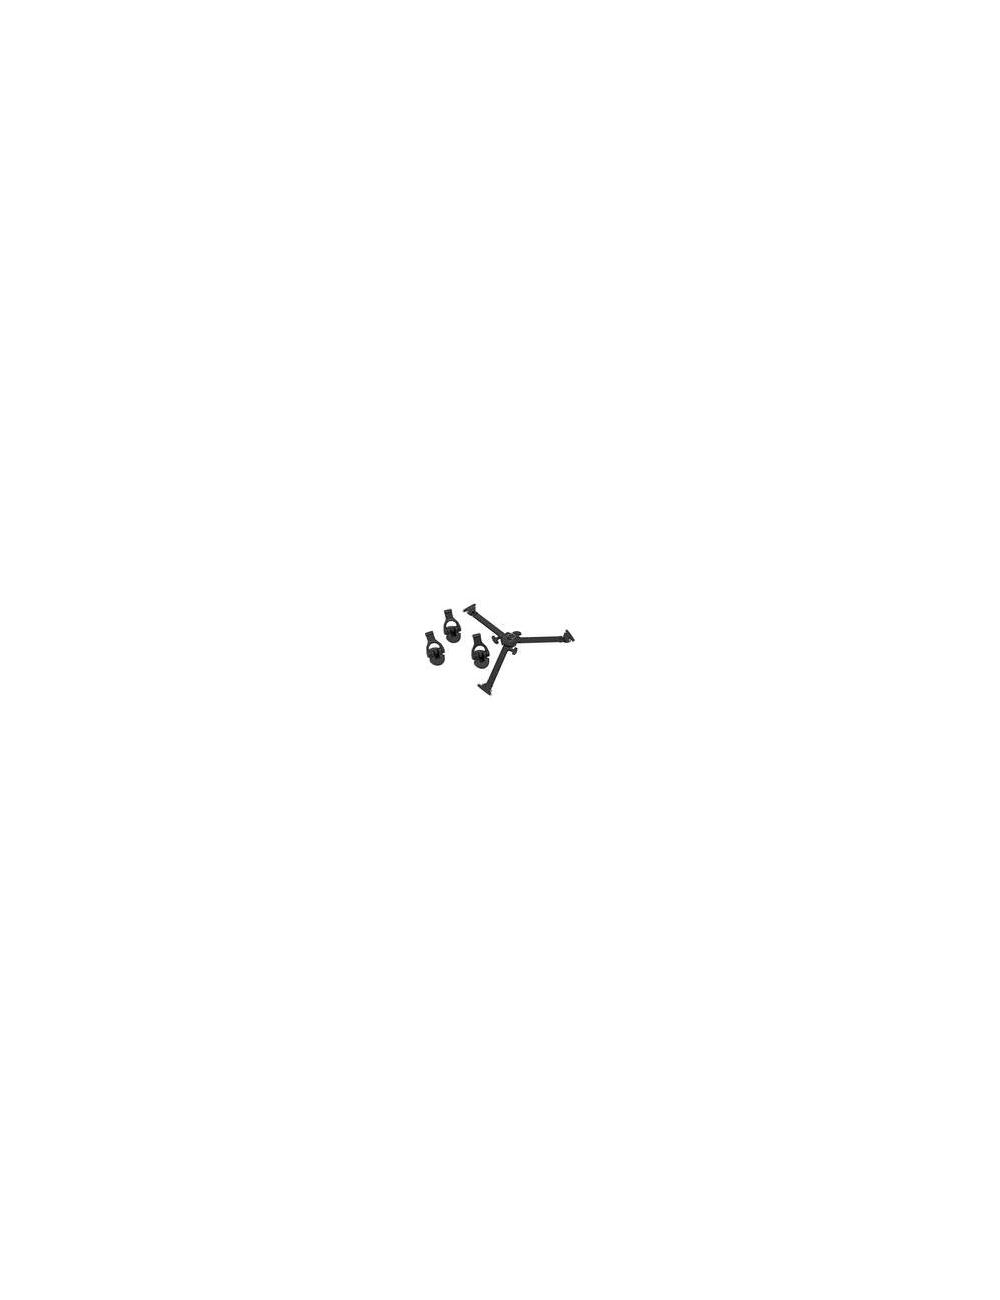 Vinten - Triángulo intermedio ligero. - (V4032-0001)